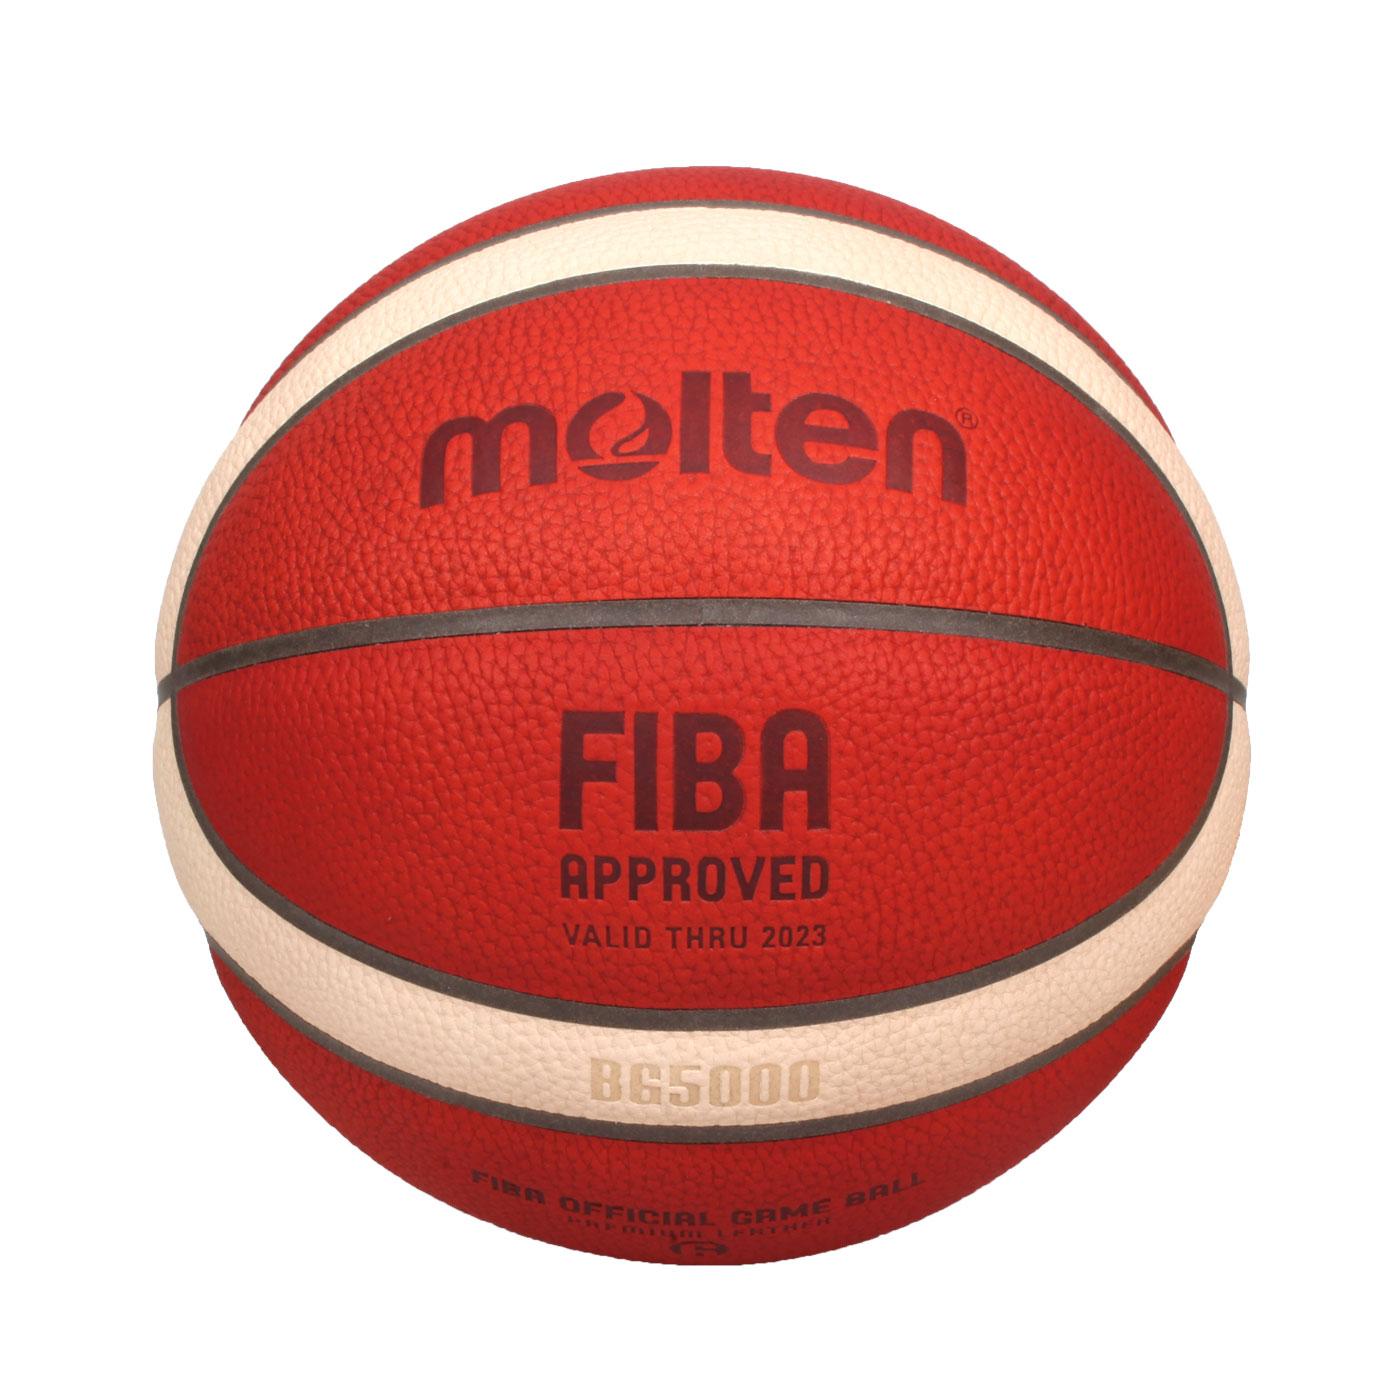 Molten #6真皮12片貼籃球 B6G5000 - 橘咖啡米白